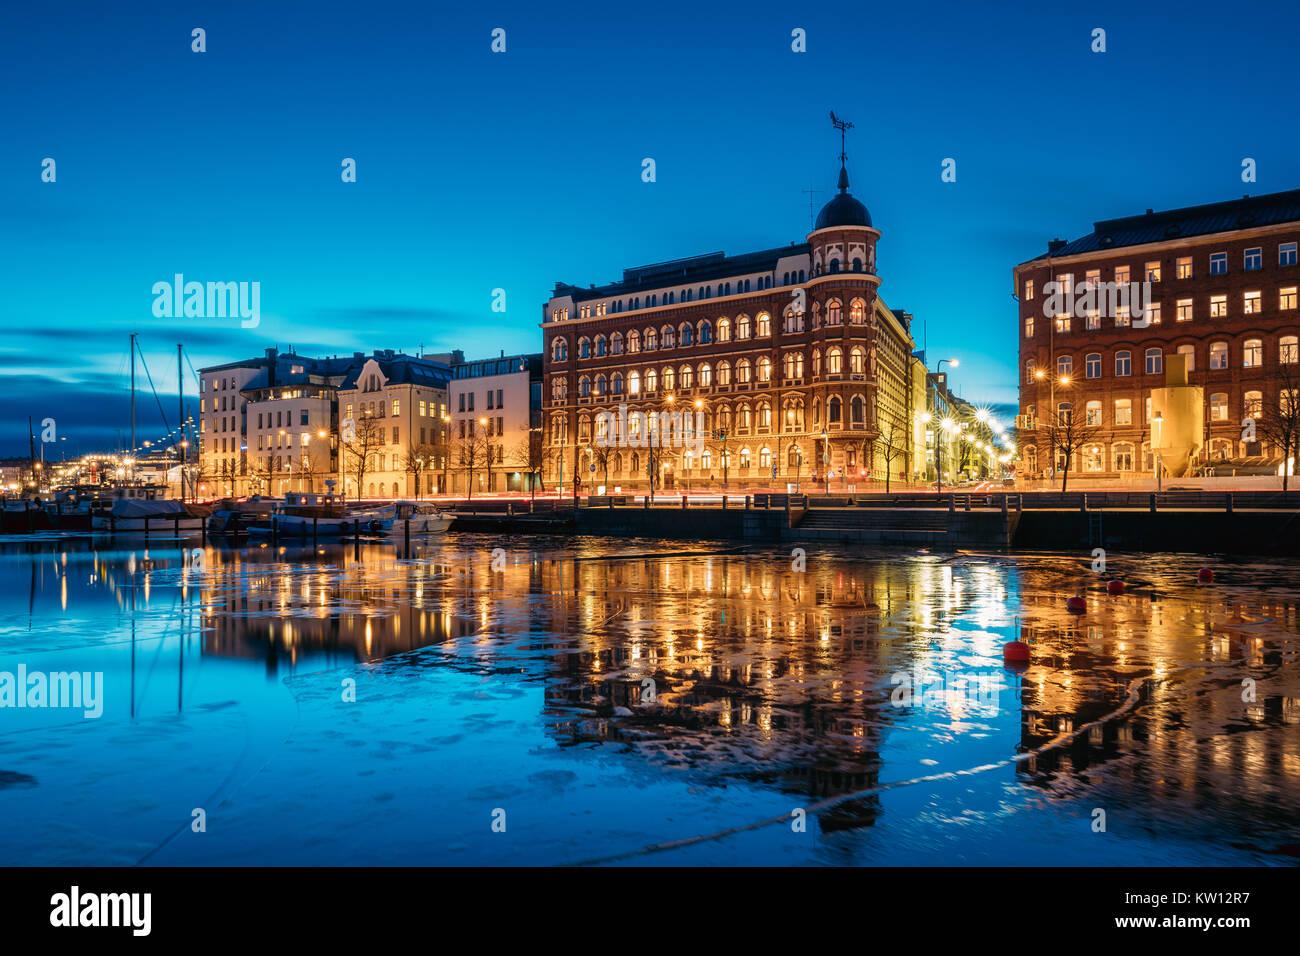 Helsinki, Finnland. Blick auf Pohjoisranta Straße am Abend oder in der Nacht die Beleuchtung. Stockfoto